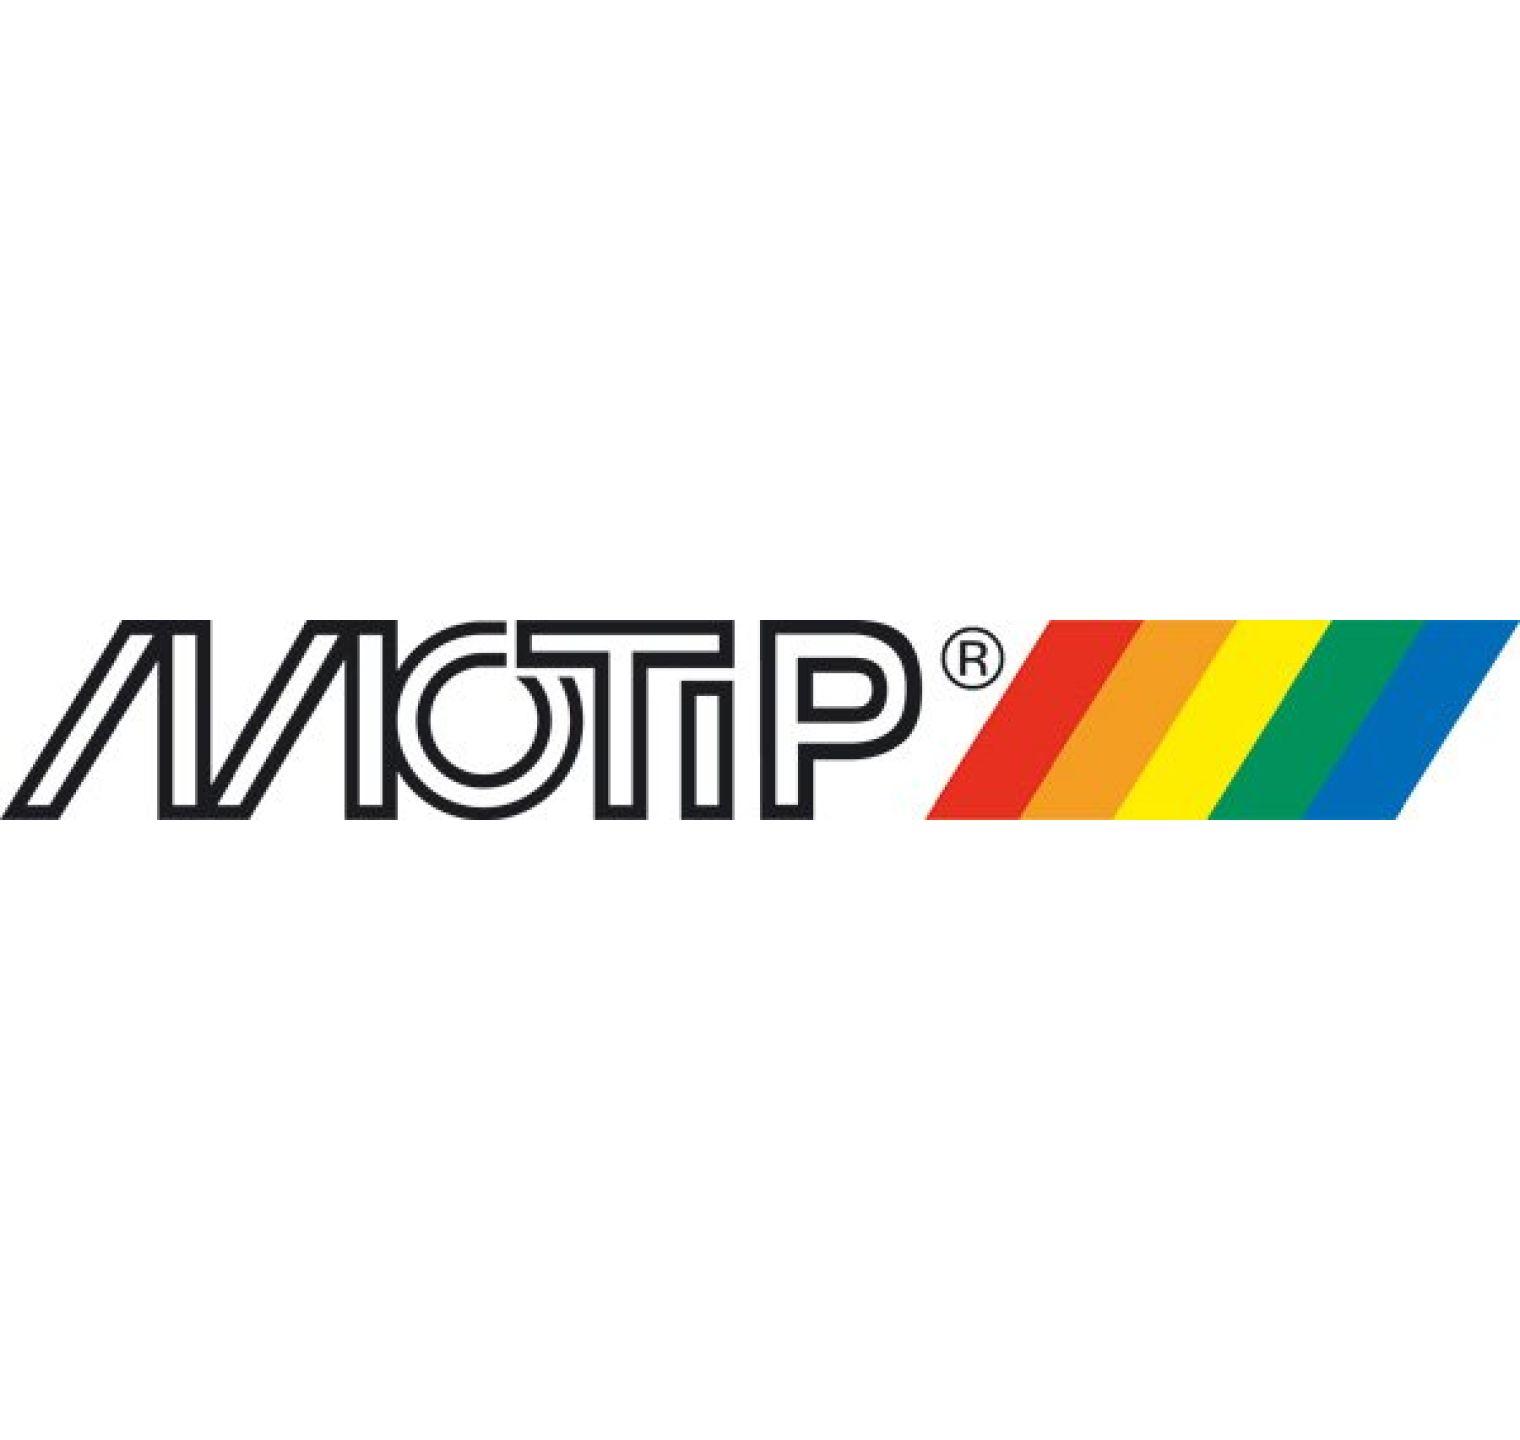 Motip-spotblender 150ml